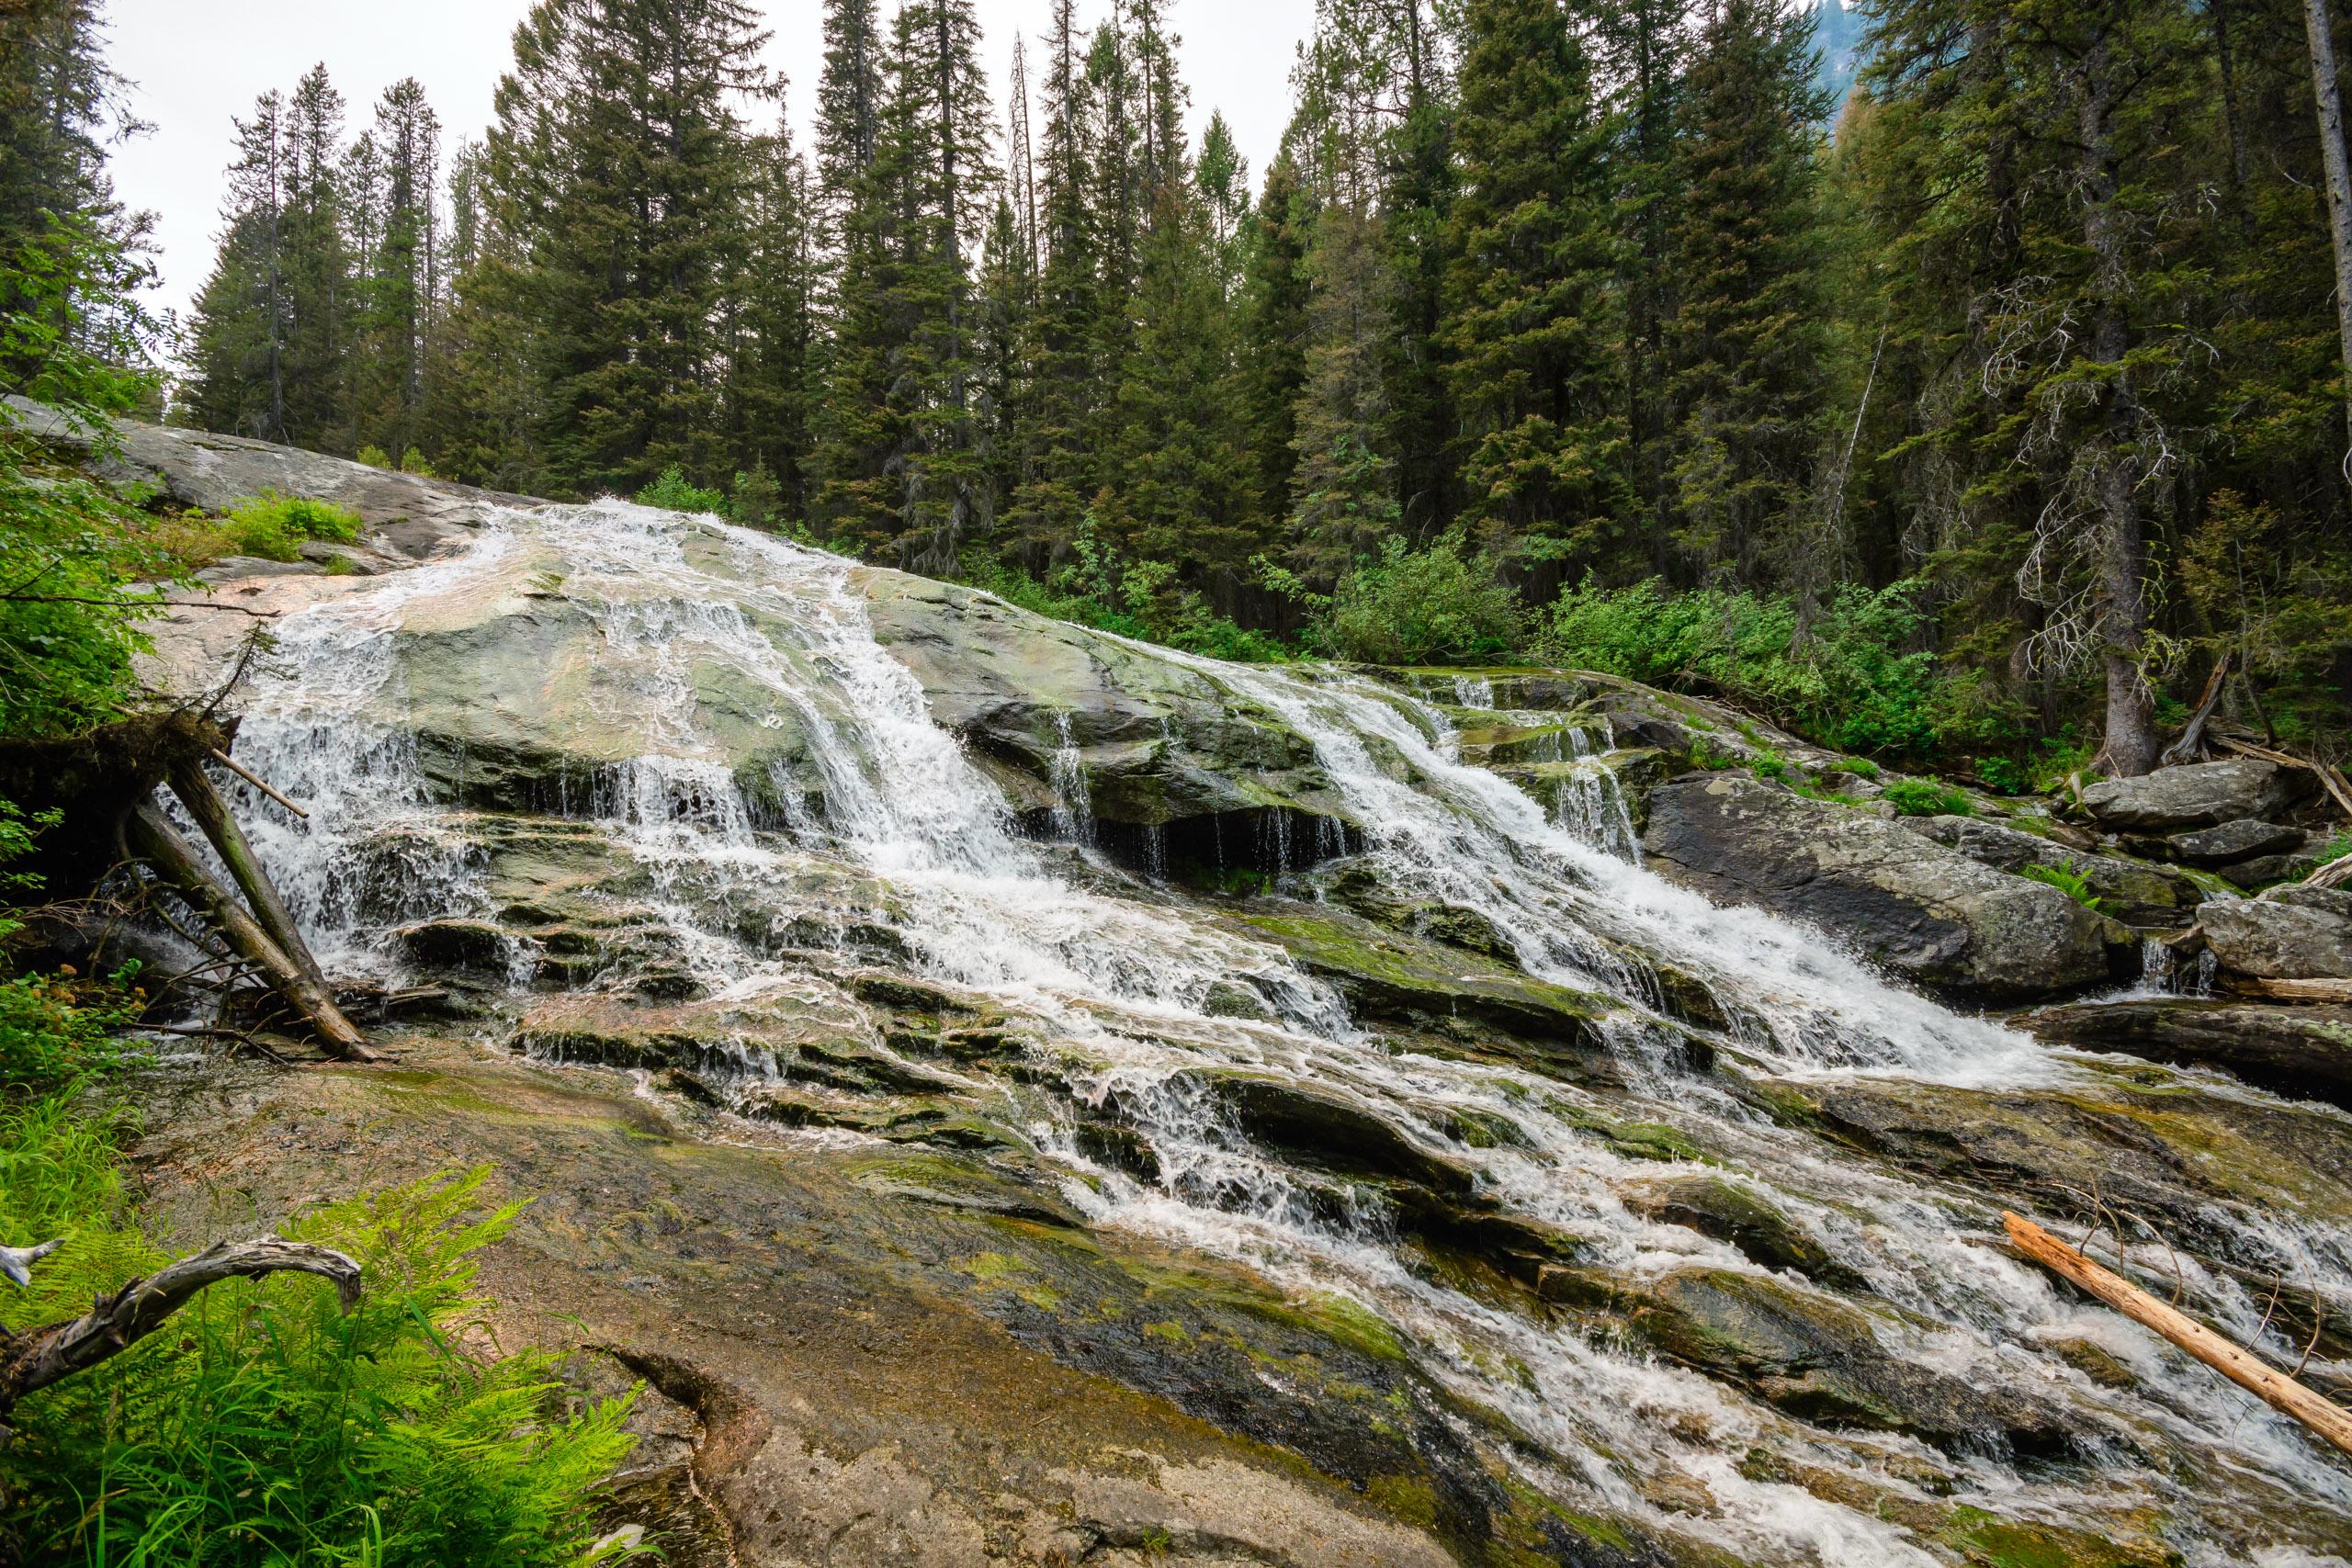 One of many waterfalls along Little Rock Creek